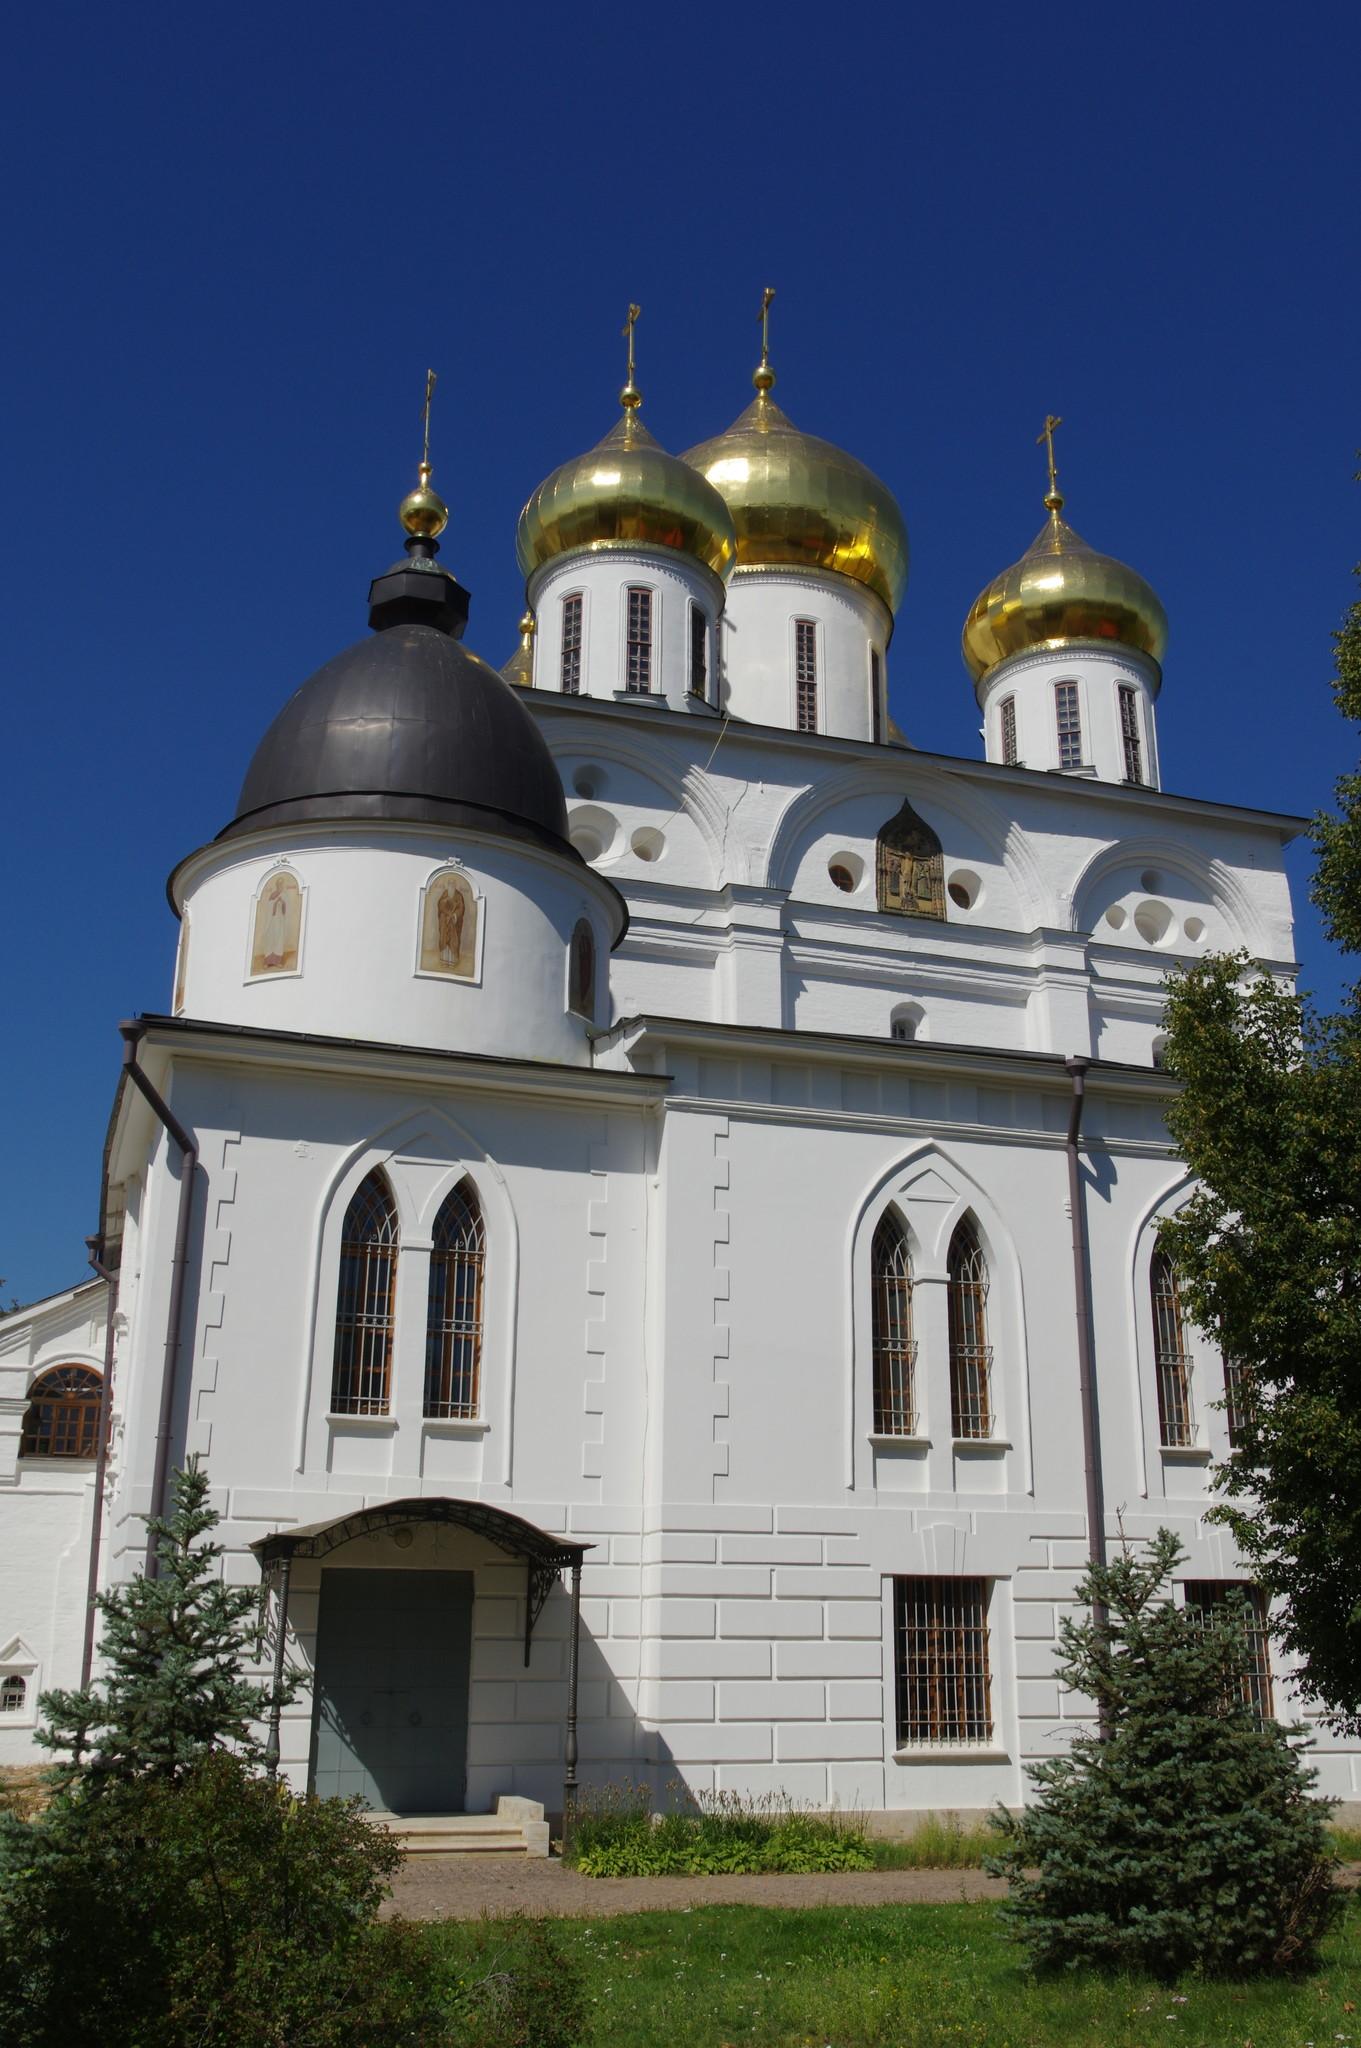 Собор Успения Пресвятой Богородицы Дмитровского благочиния Московской епархии